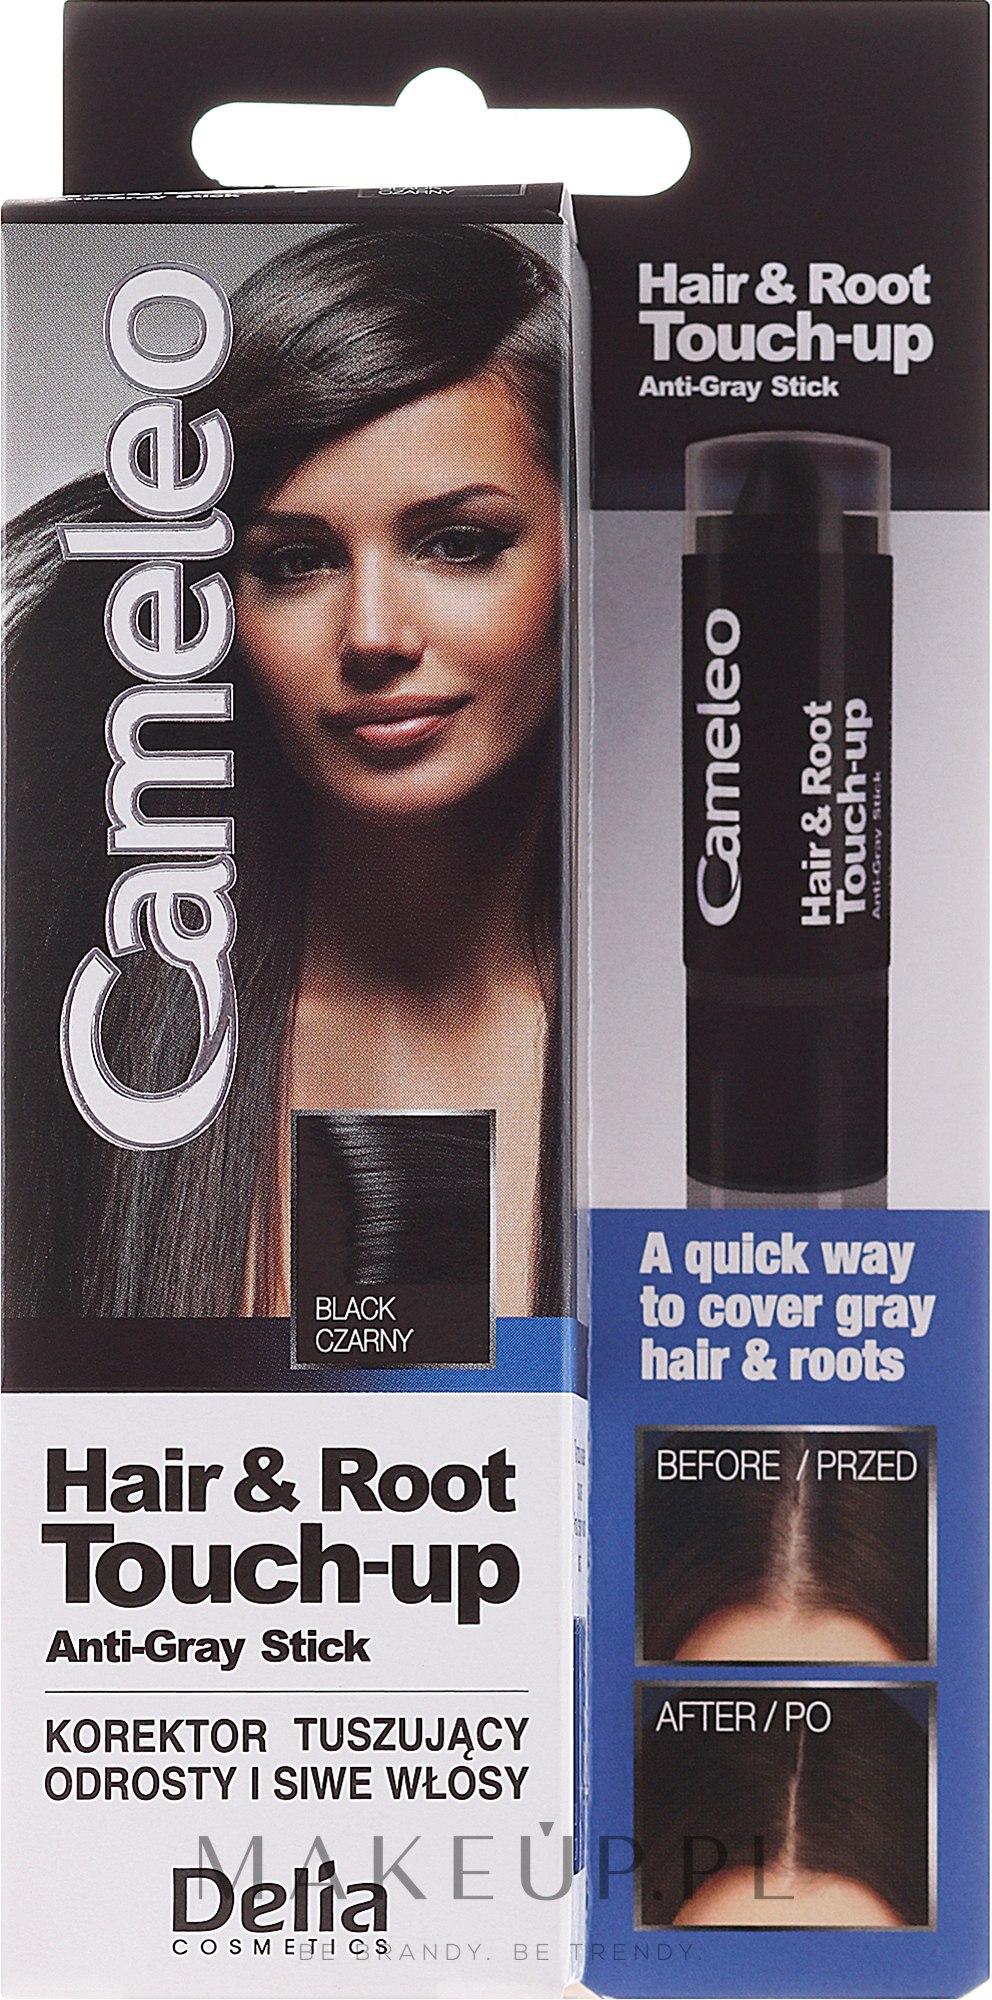 Korektor tuszujący odrosty i siwe włosy - Delia Cameleo Hair & Root Touch-Up Anti-Grey Stick — фото Black